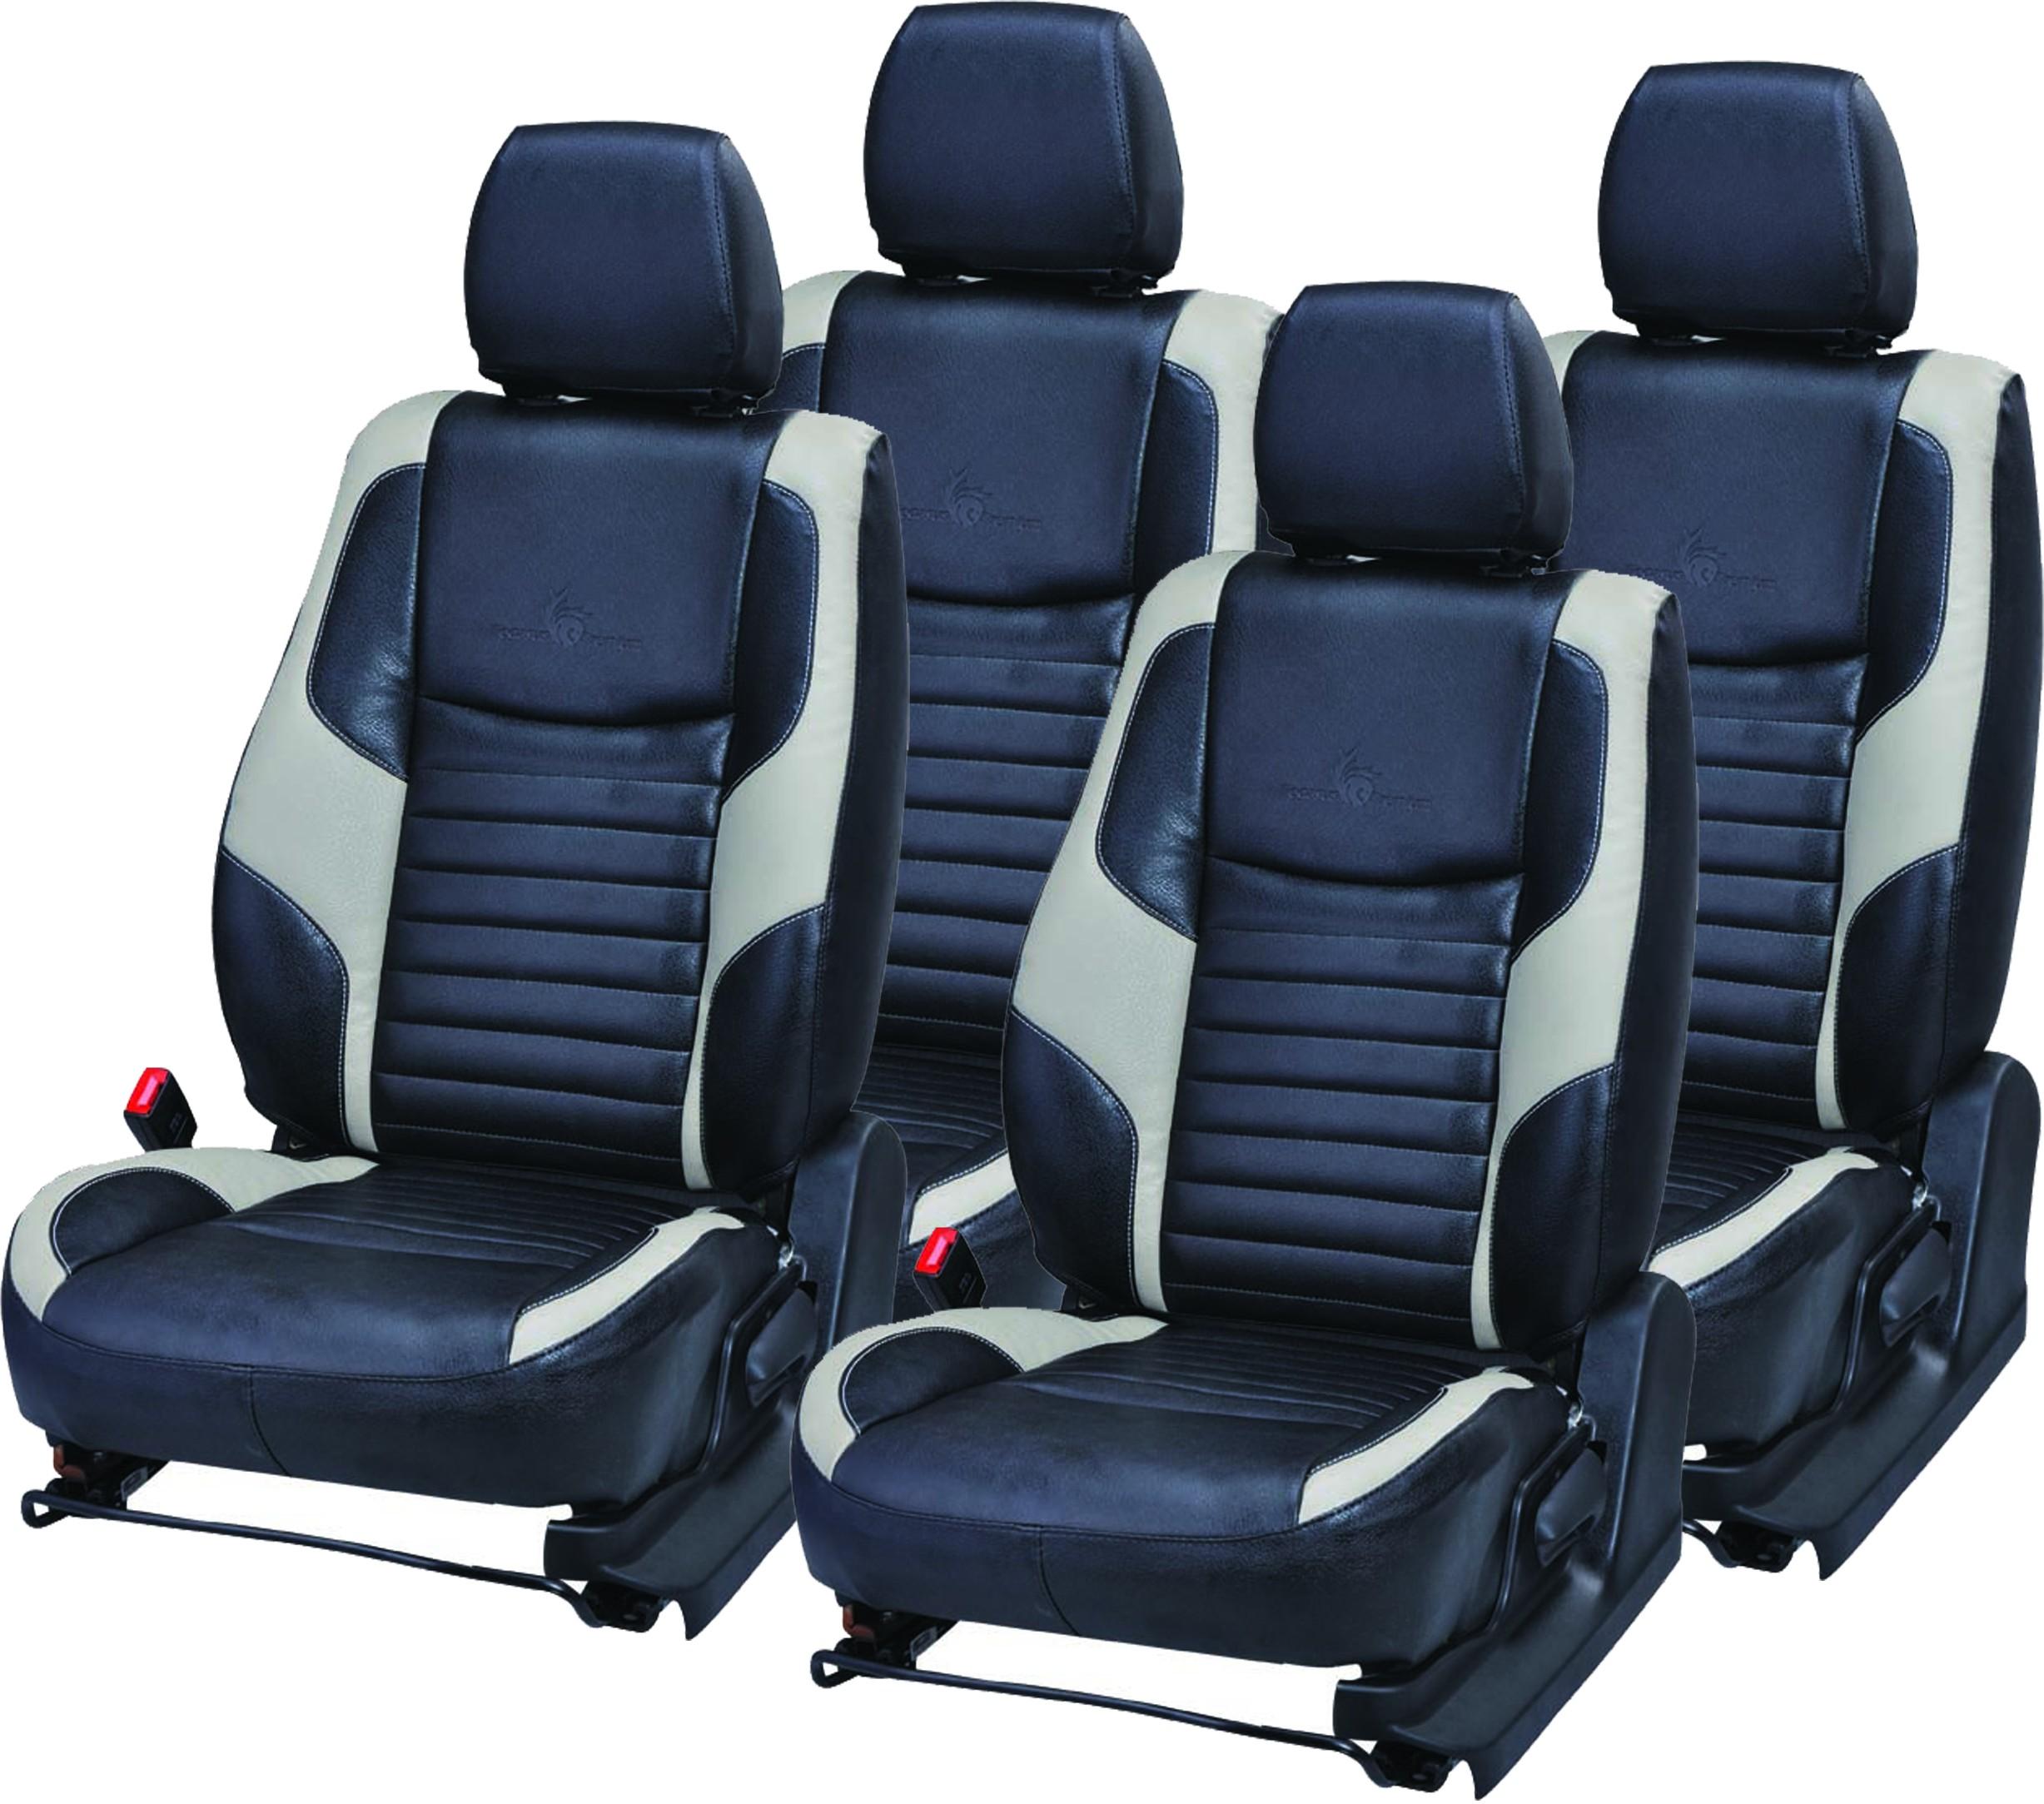 Pegasus Premium Pp 37 2014 Car Seat Cover For Maruti Swift